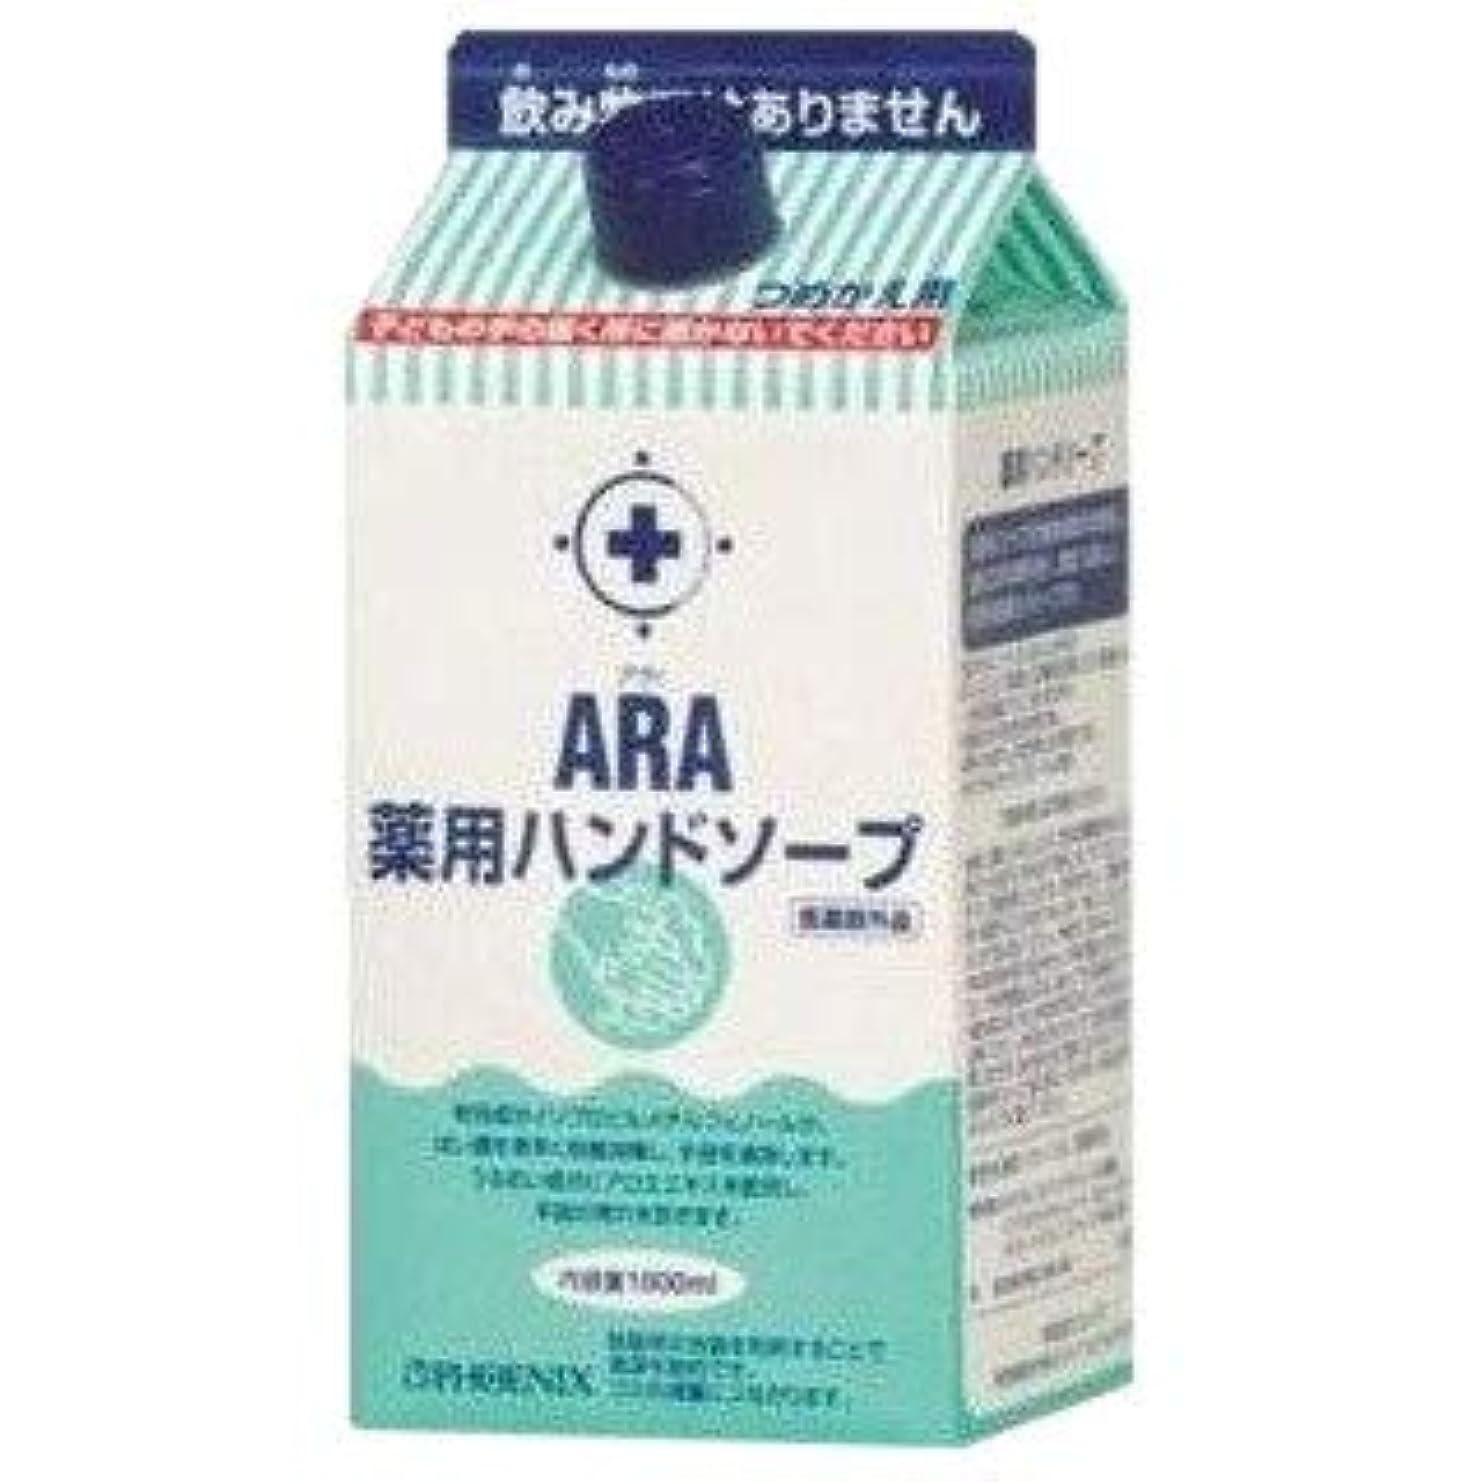 橋コロニー音節ARA 薬用ハンドソープ(詰め替え用) 1000ml×12入